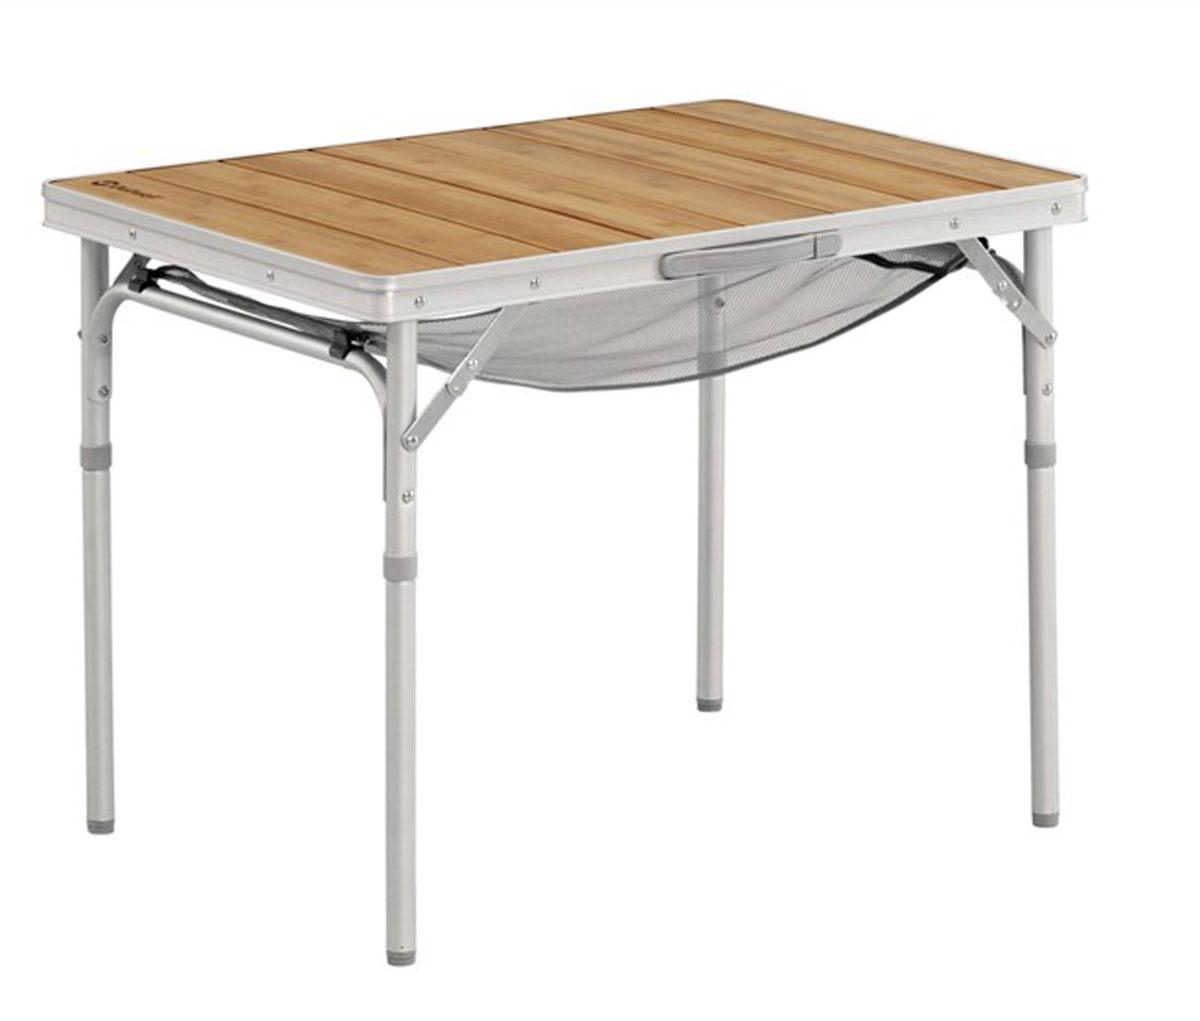 Стол складной Outwell Calgary S, 75 х 55 х 59 см530027Элегантный бамбуковый стол Outwell Calgary S сочетает в себе красоту природы и современный дизайн – соседи по кемпингу точно будут завидовать. Этот портативный стол очень компактен и легок. Пригодится на любом пикнике или кемпинге.Особенности:Практичная полка-сеткаОчень быстро складывается и раскладываетсяМалый весПрочная бамбуковая поверхность и алюминиевый каркасРучки для переноскиВ сложенном виде очень компактен